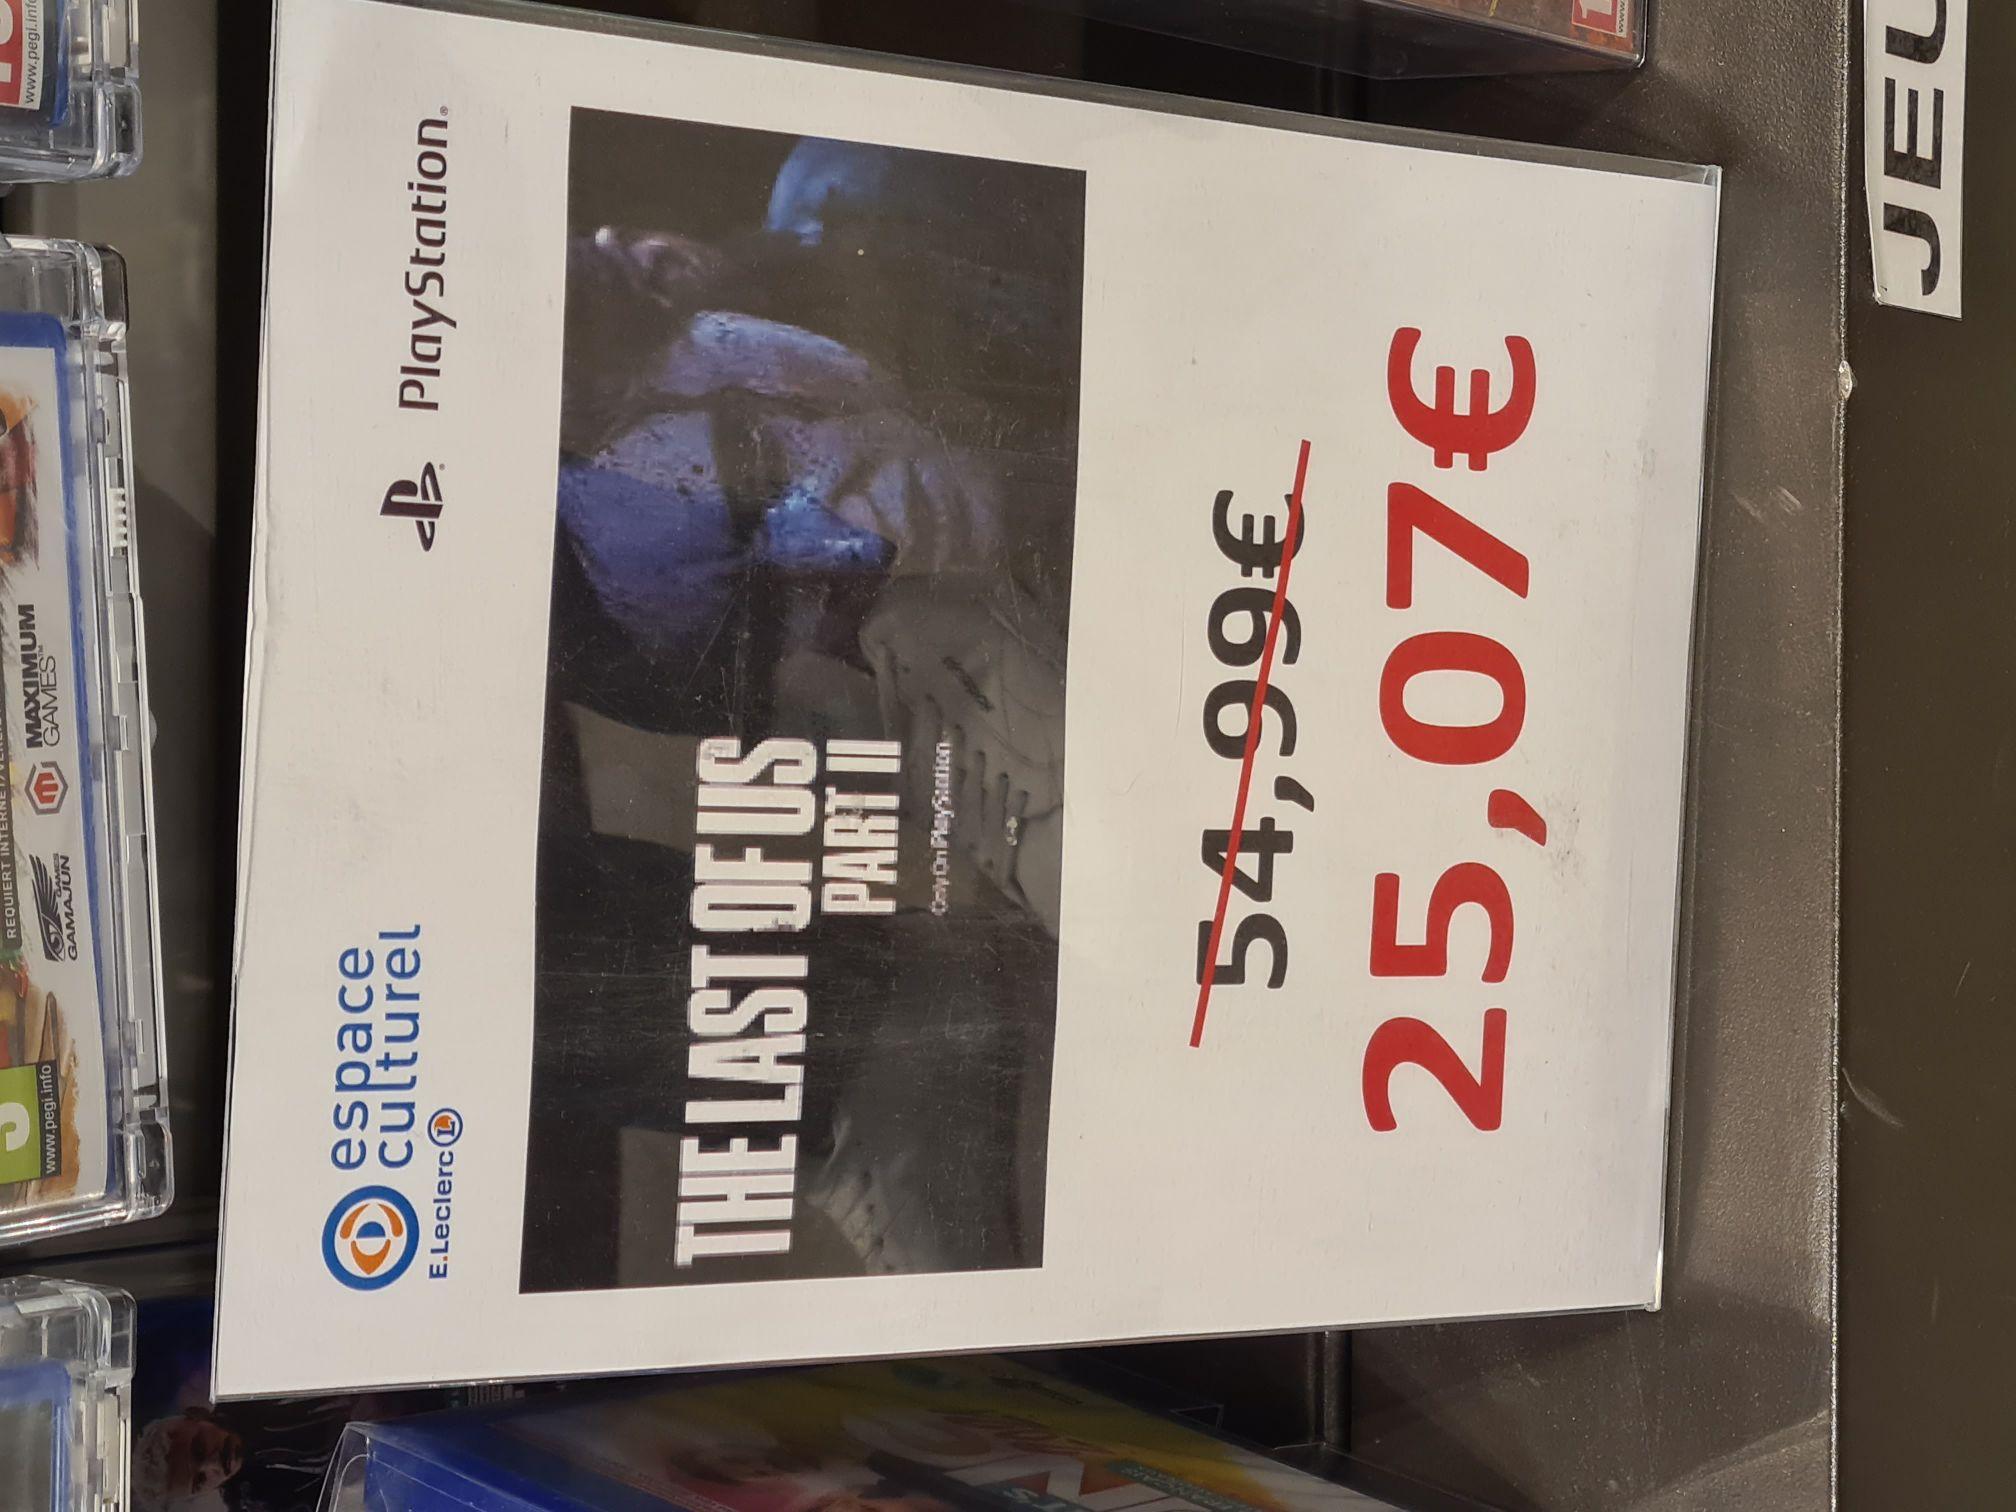 The Last Of Us Part 2 sur PS4 - Marseille Sormiou (13)